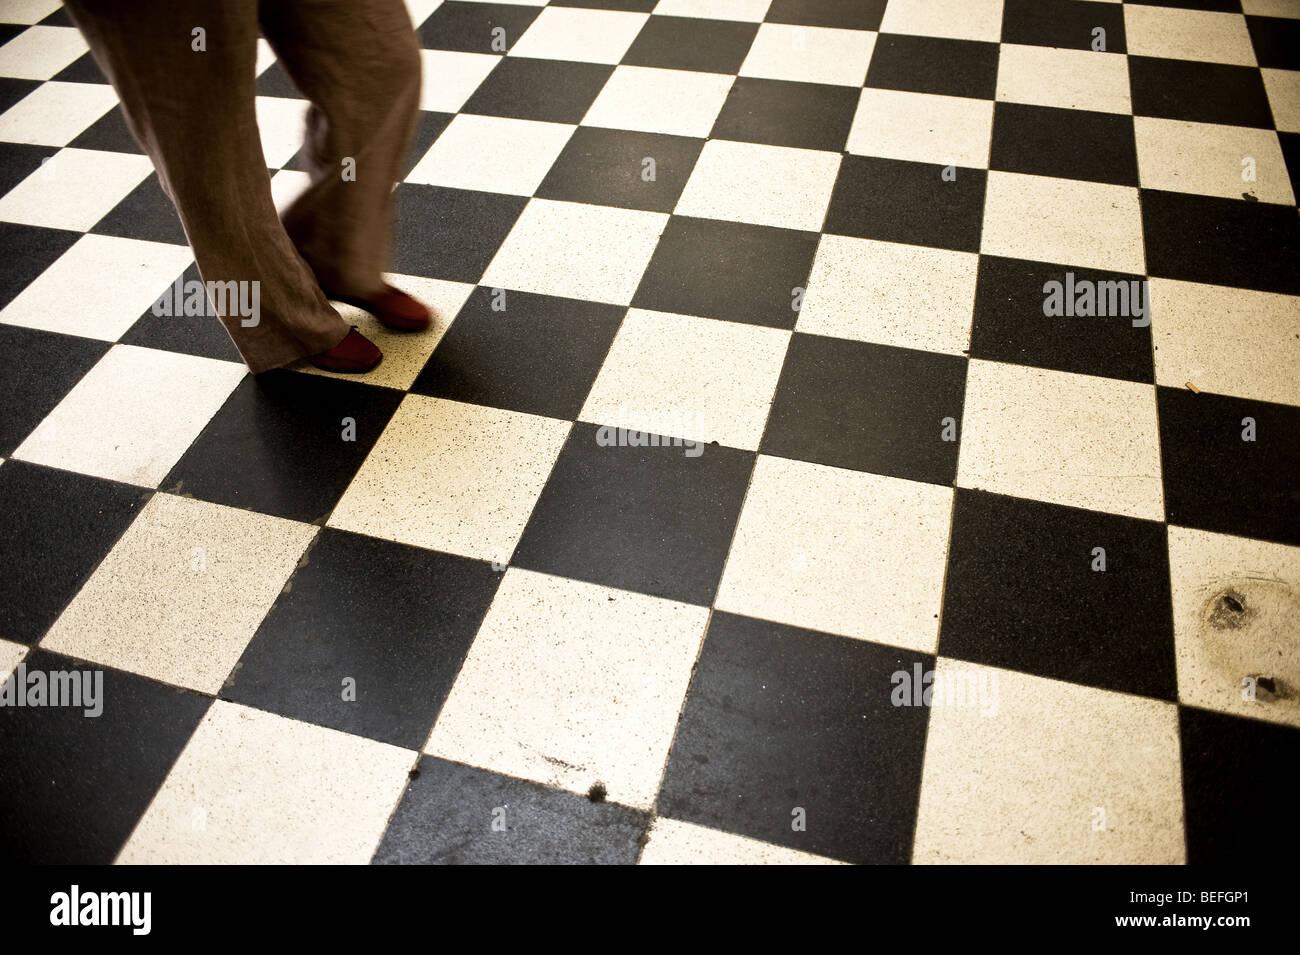 Tappeto a scacchi in pvc tappeti in plastica riciclata tappeto